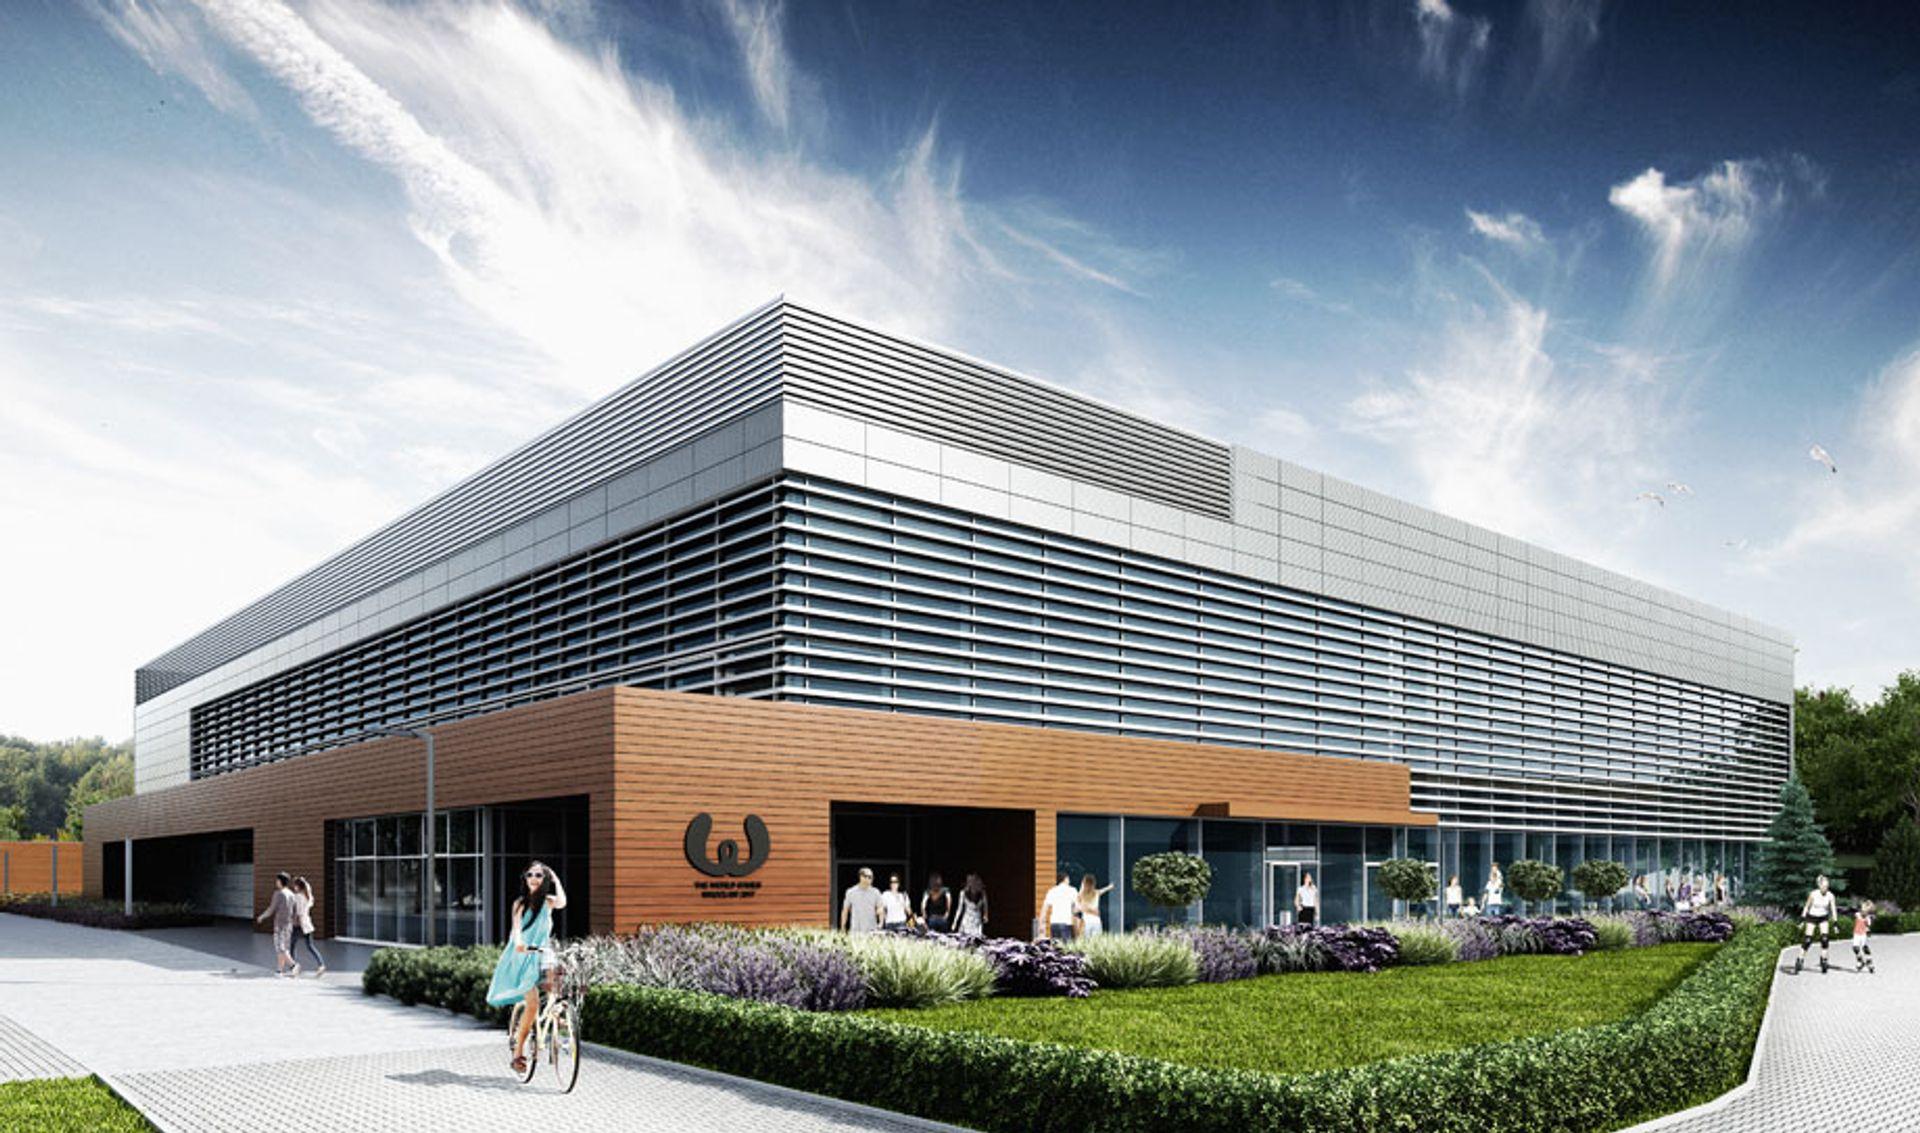 [Wrocław] Basen, stadion i tor wrotkarski. Kończą inwestycje na World Games